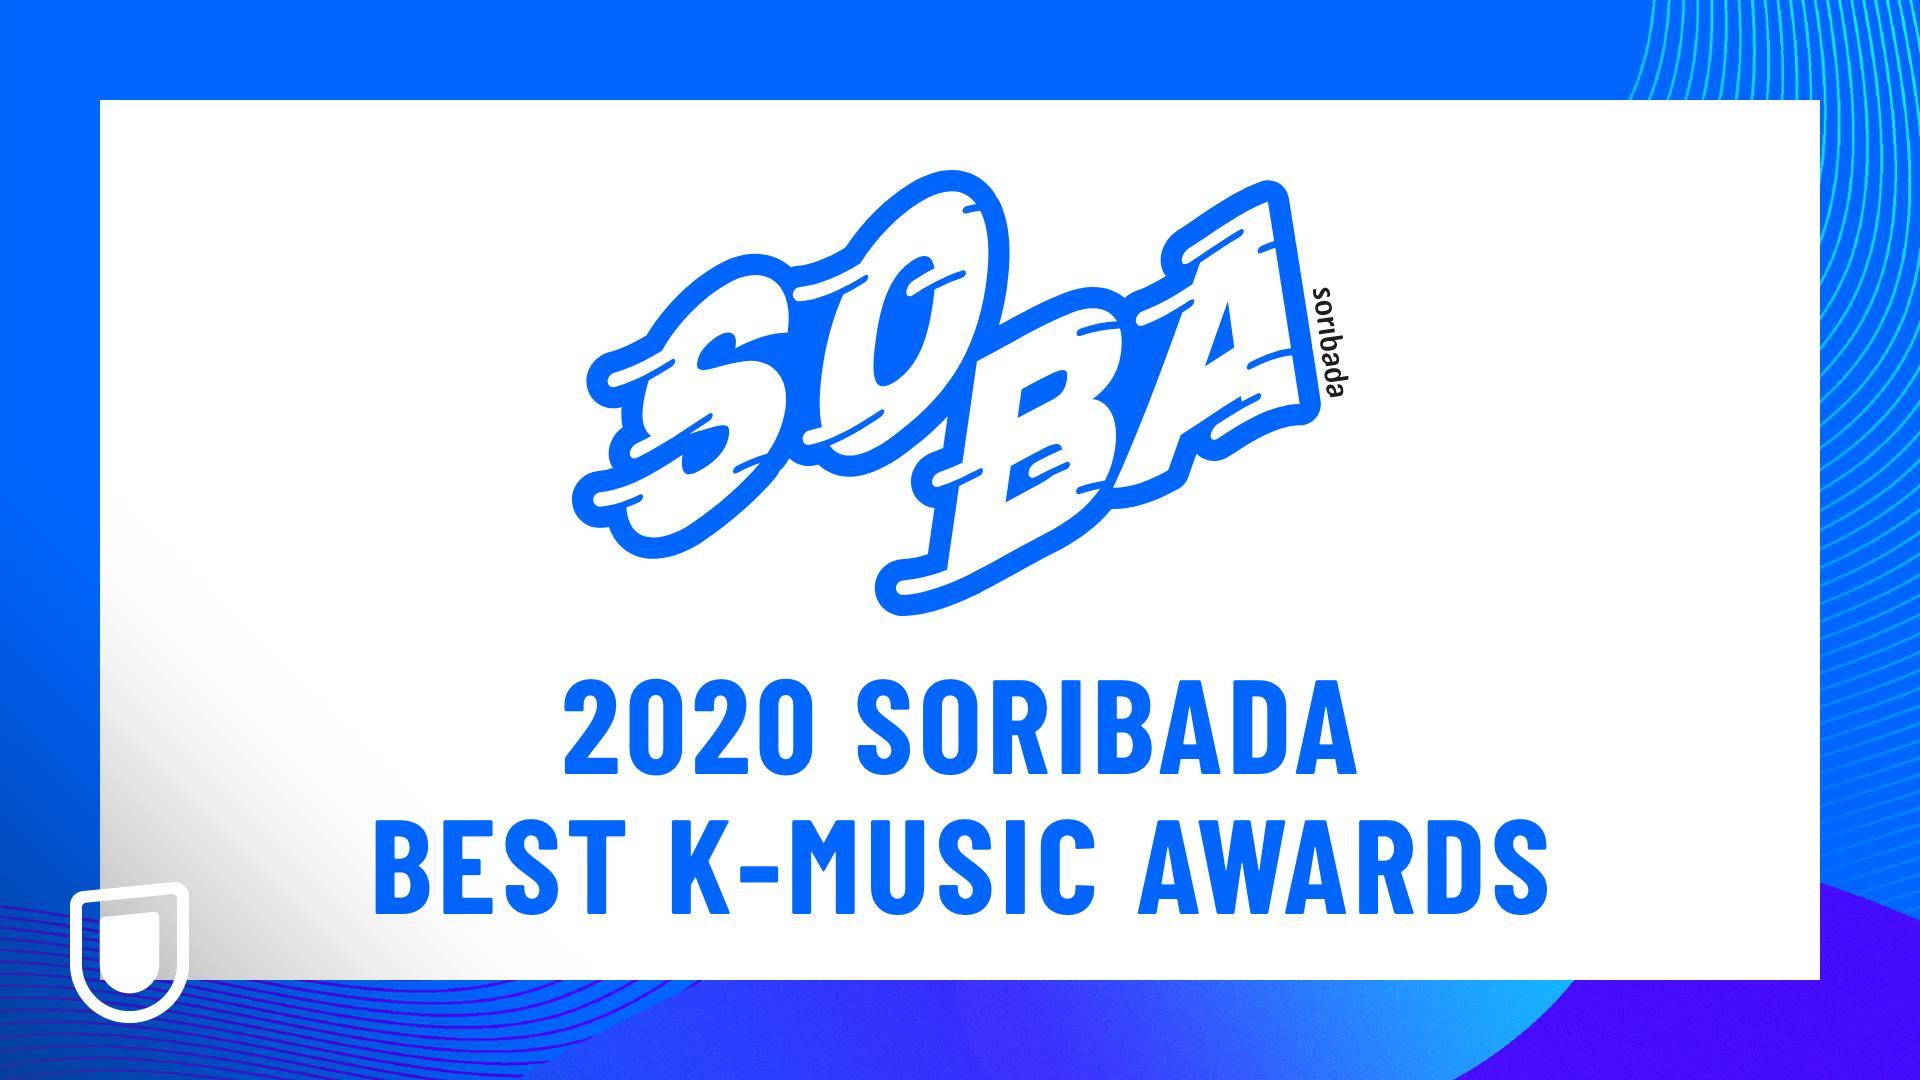 2020 SORIBADA BEST K-MUSIC AWARDS